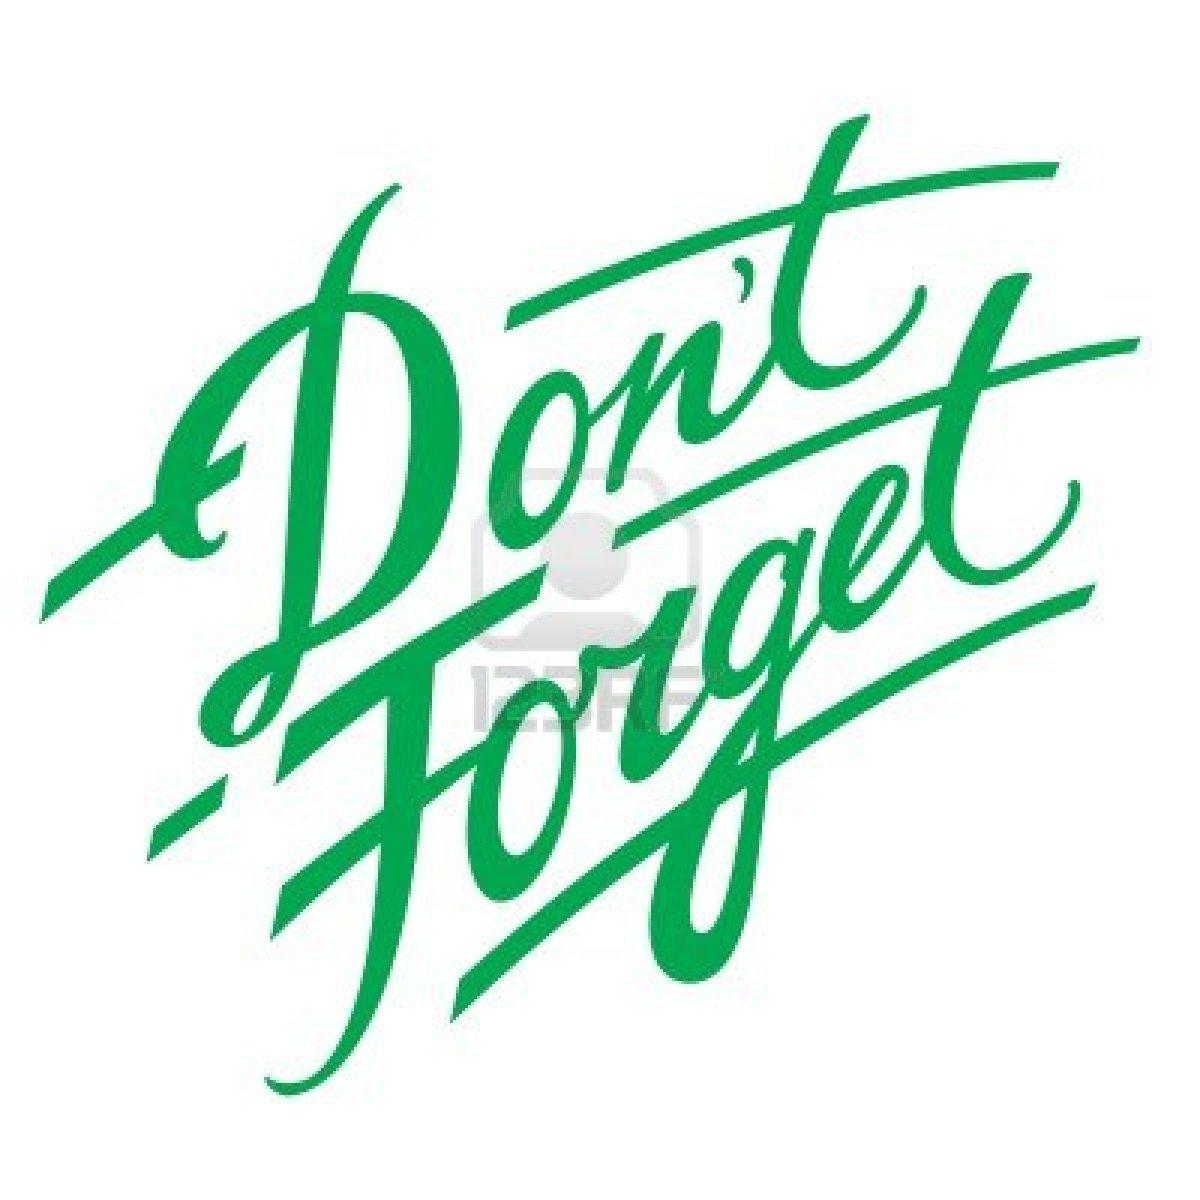 1200x1200 Pta Meeting Reminder!